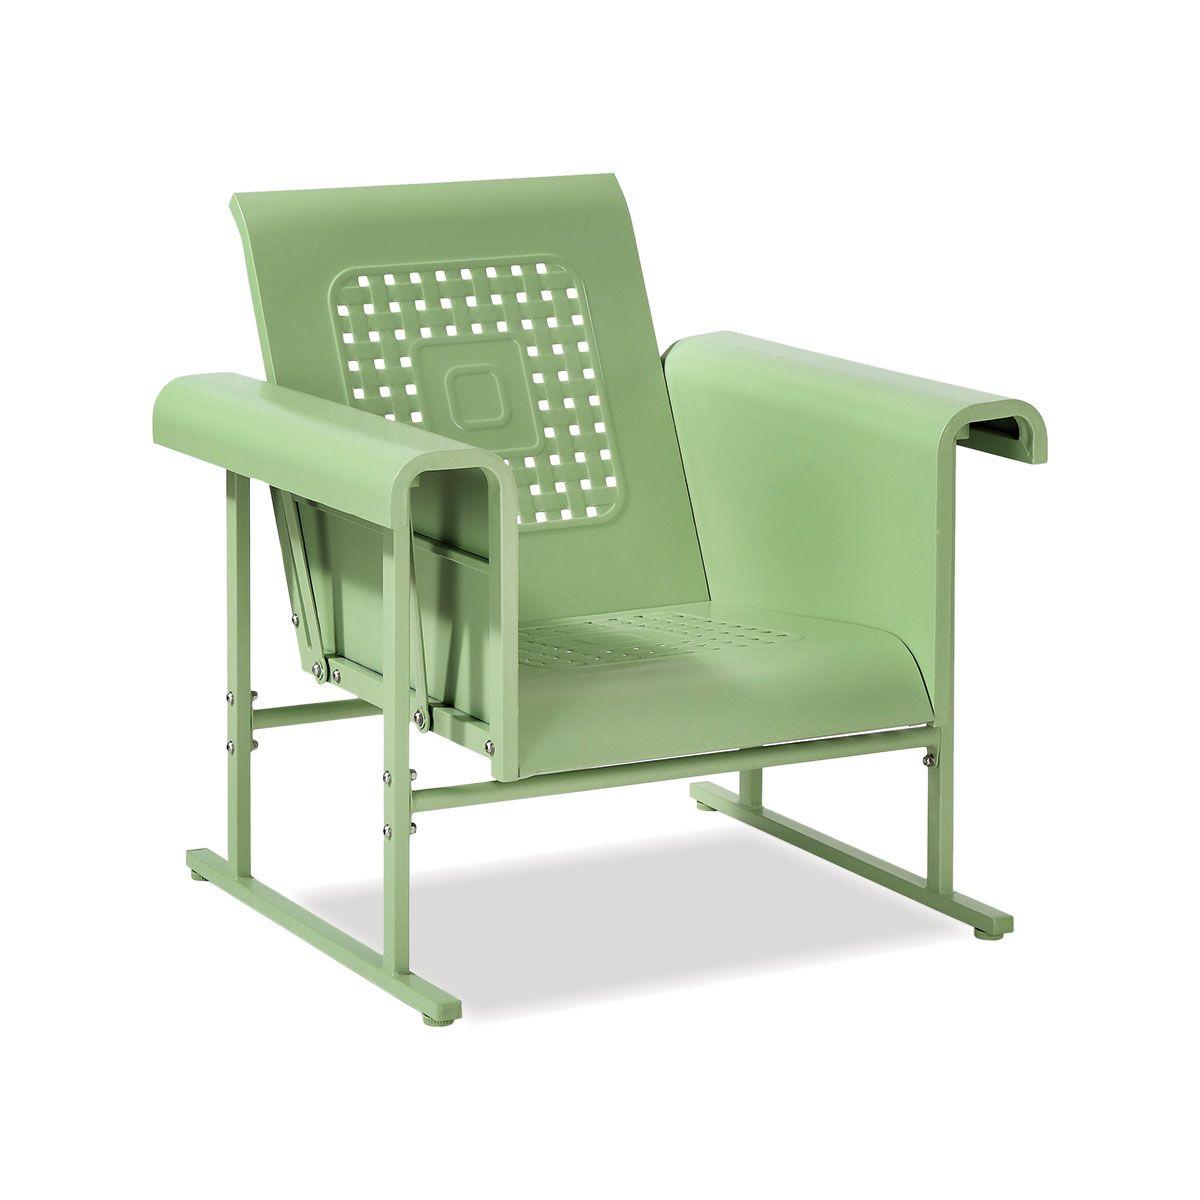 retro metal outdoor furniturefairlane glider chair in green 265